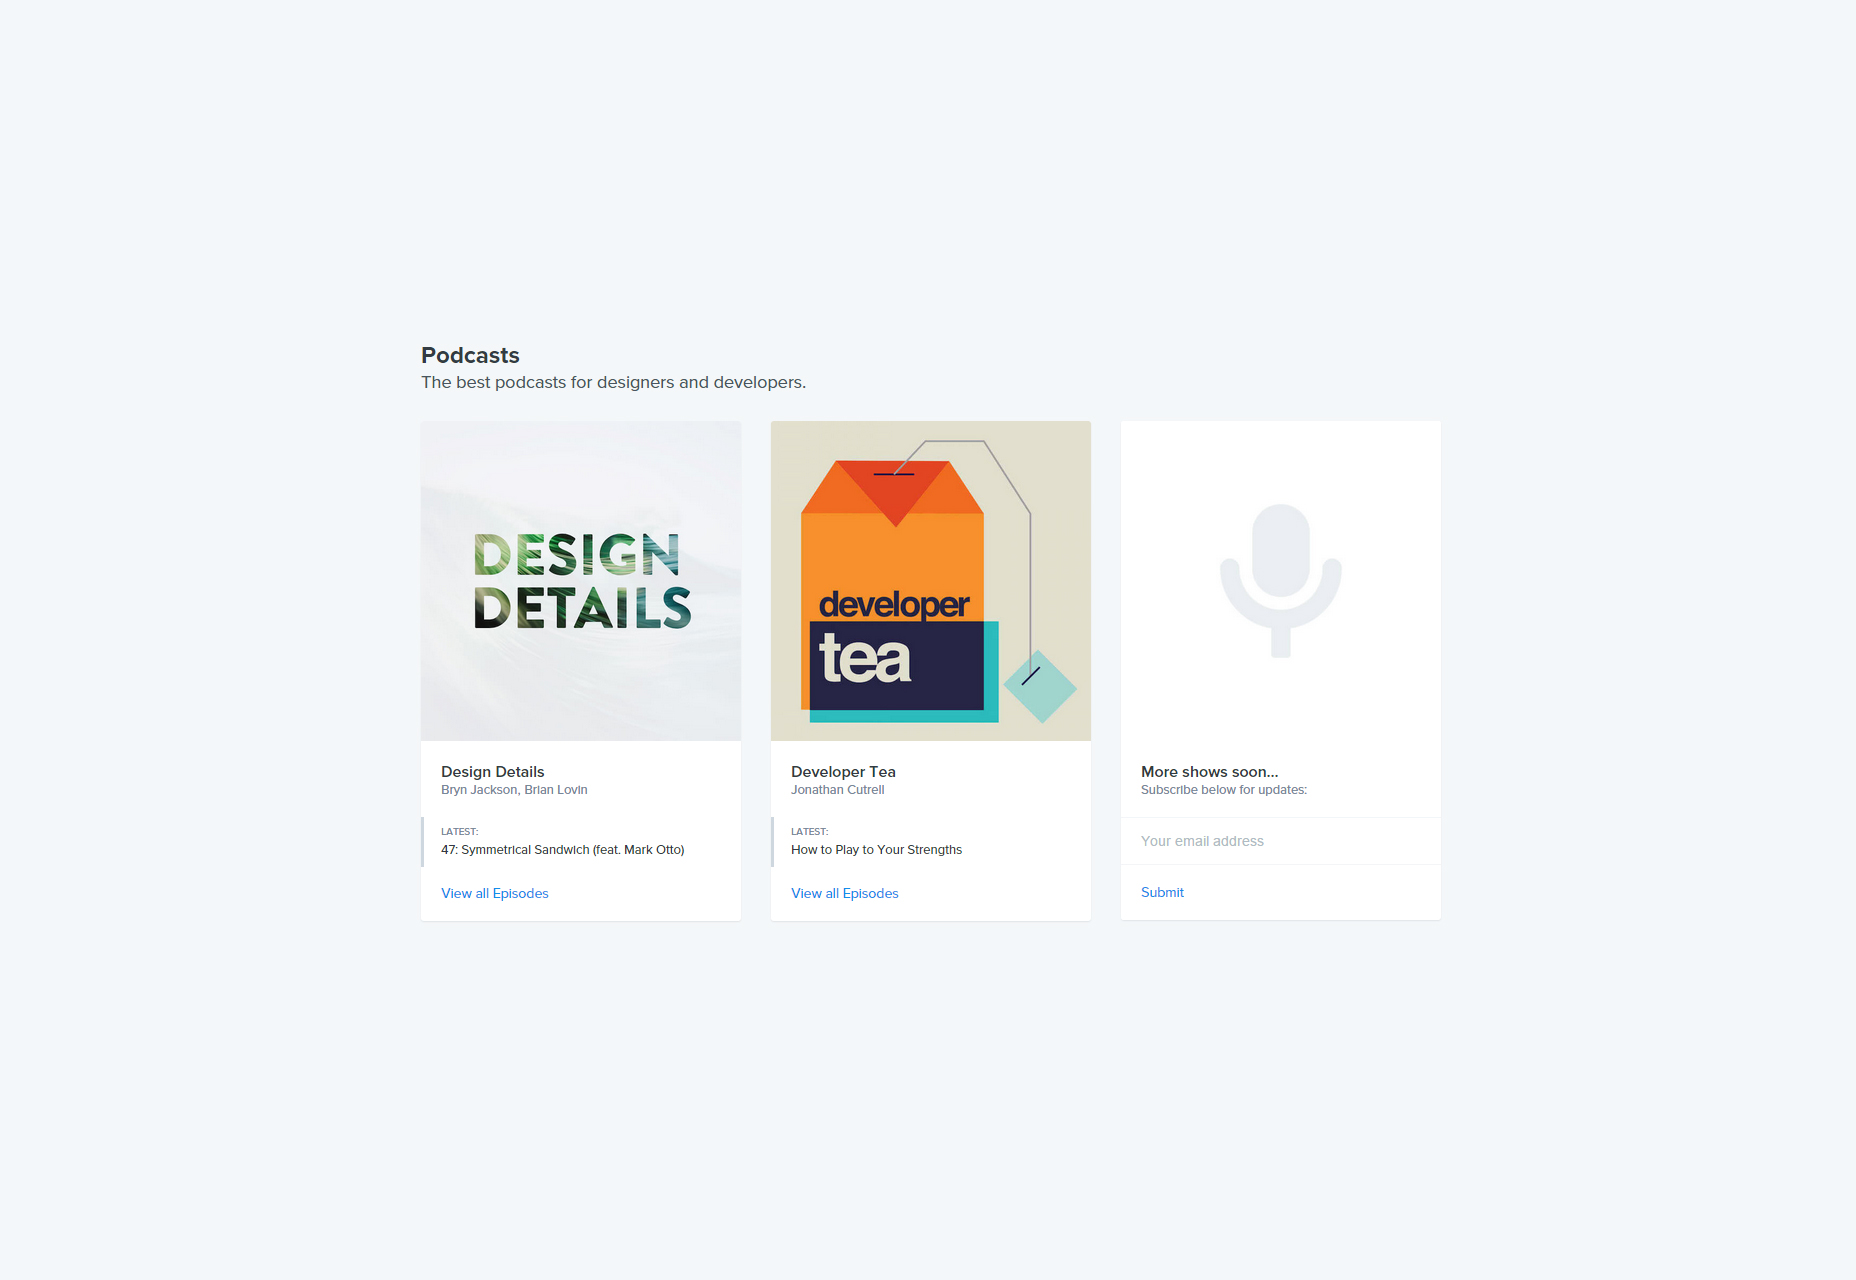 Especificación: Podcasts de aprendizaje para diseñadores y desarrolladores.